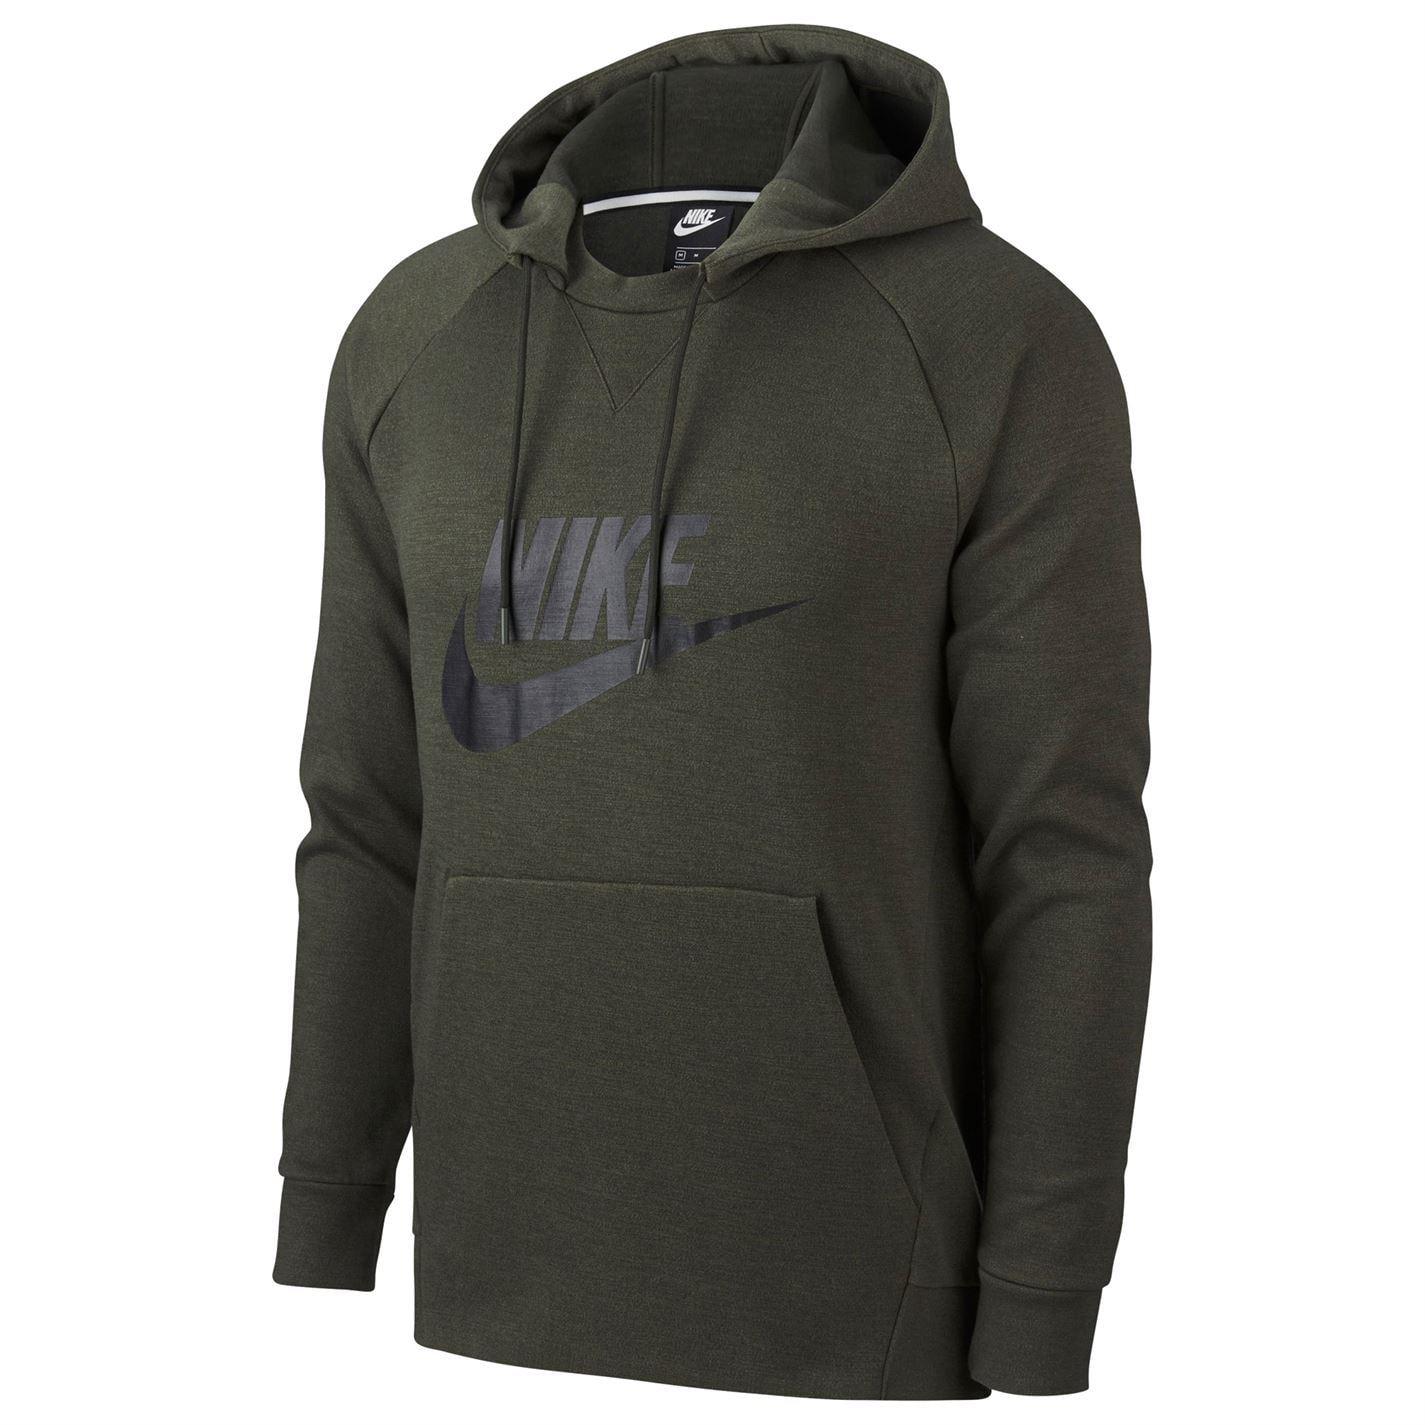 Nike Fleece Optic Full Zip Long Sleeve Hoodie